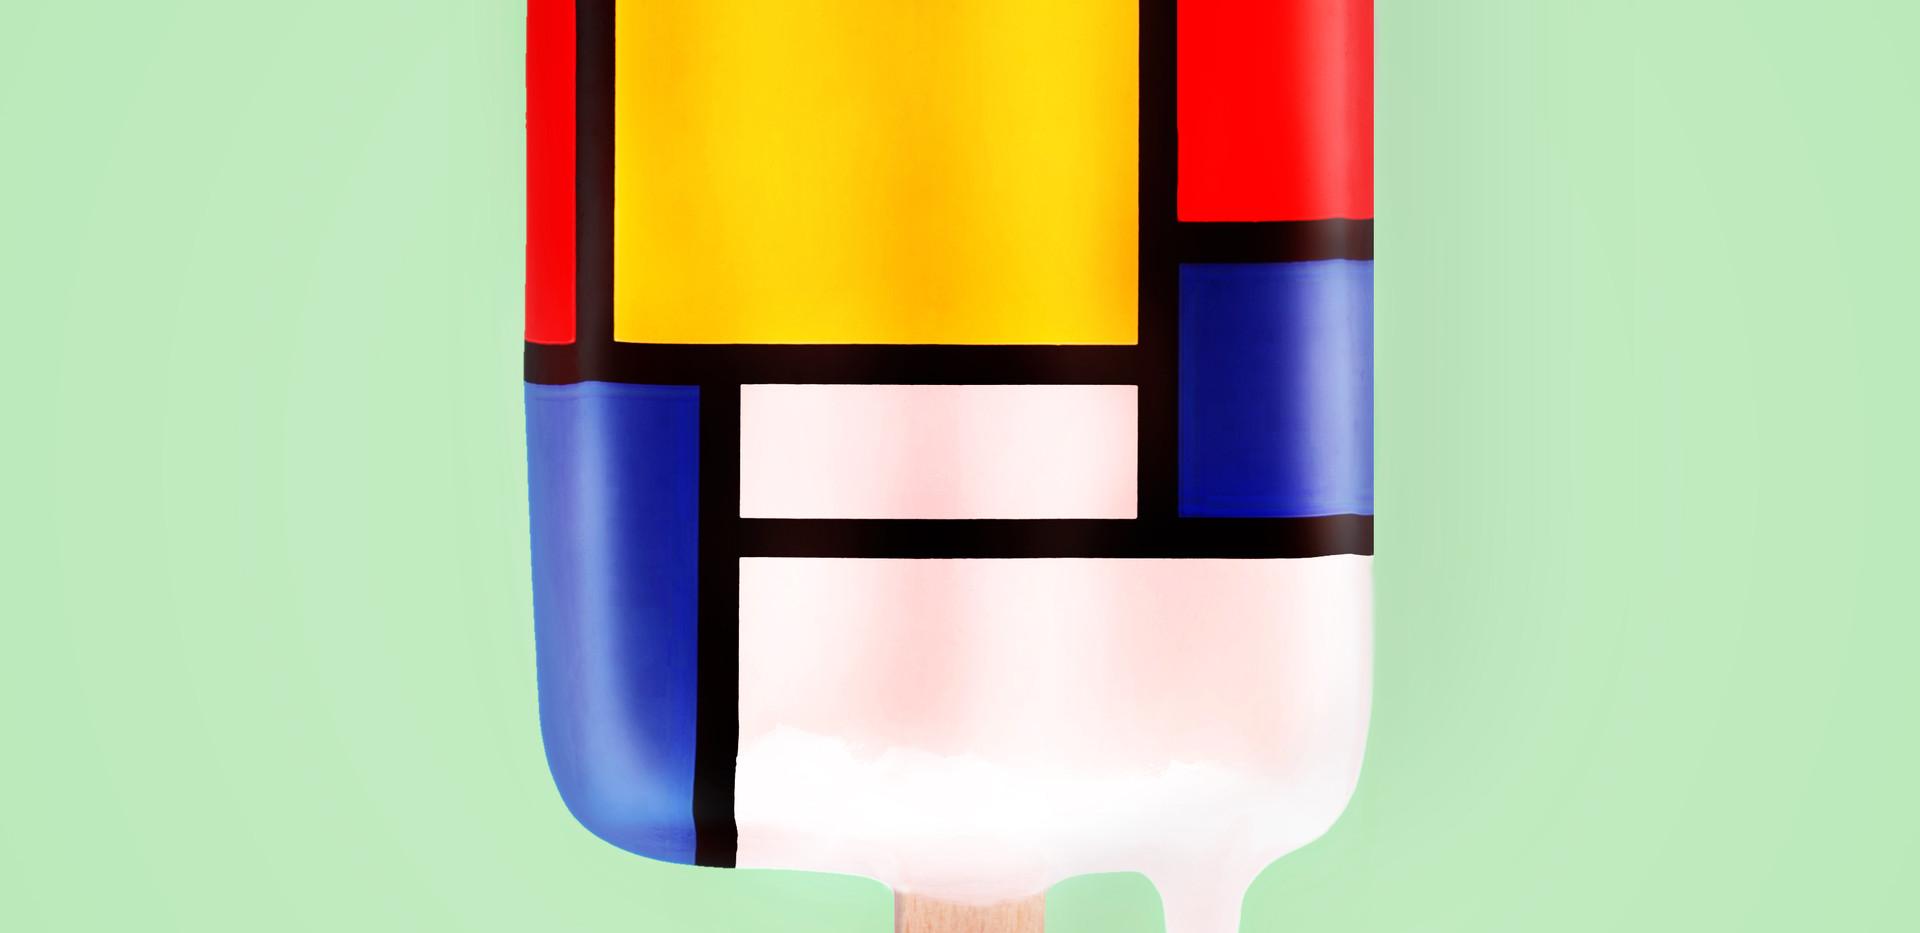 Mondrian popsicle